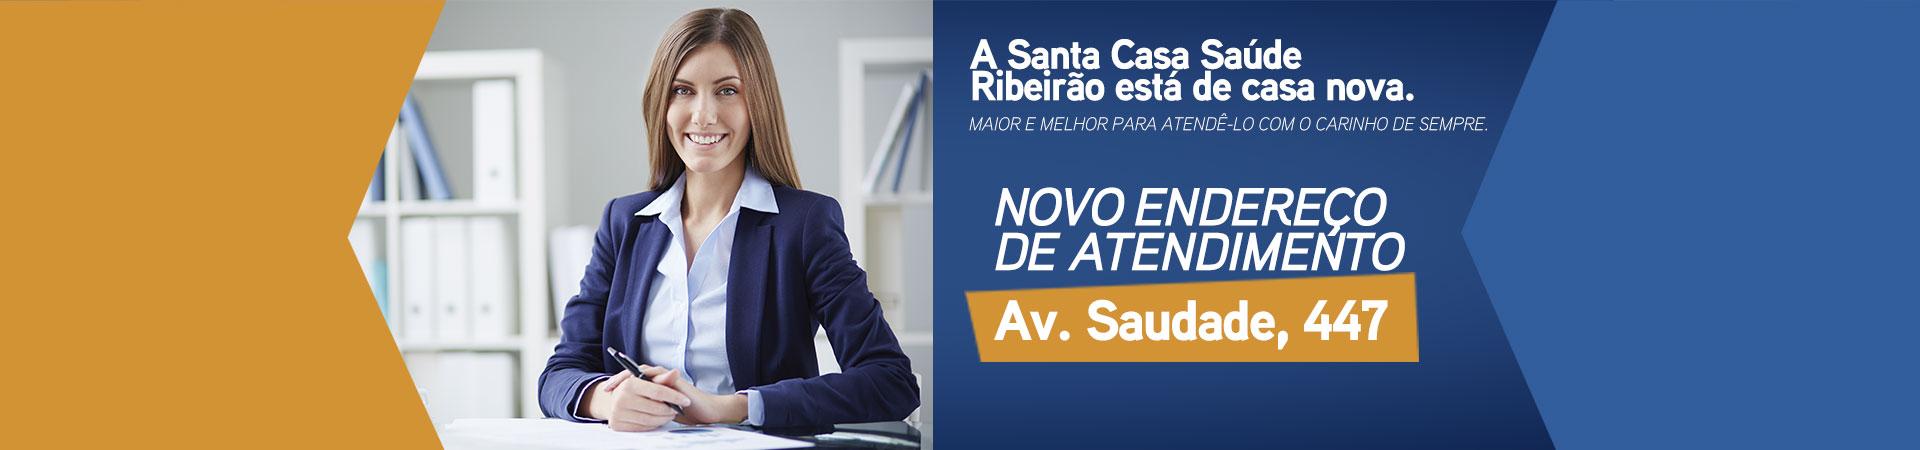 Endereço Santa Casa Saúde Ribeirão